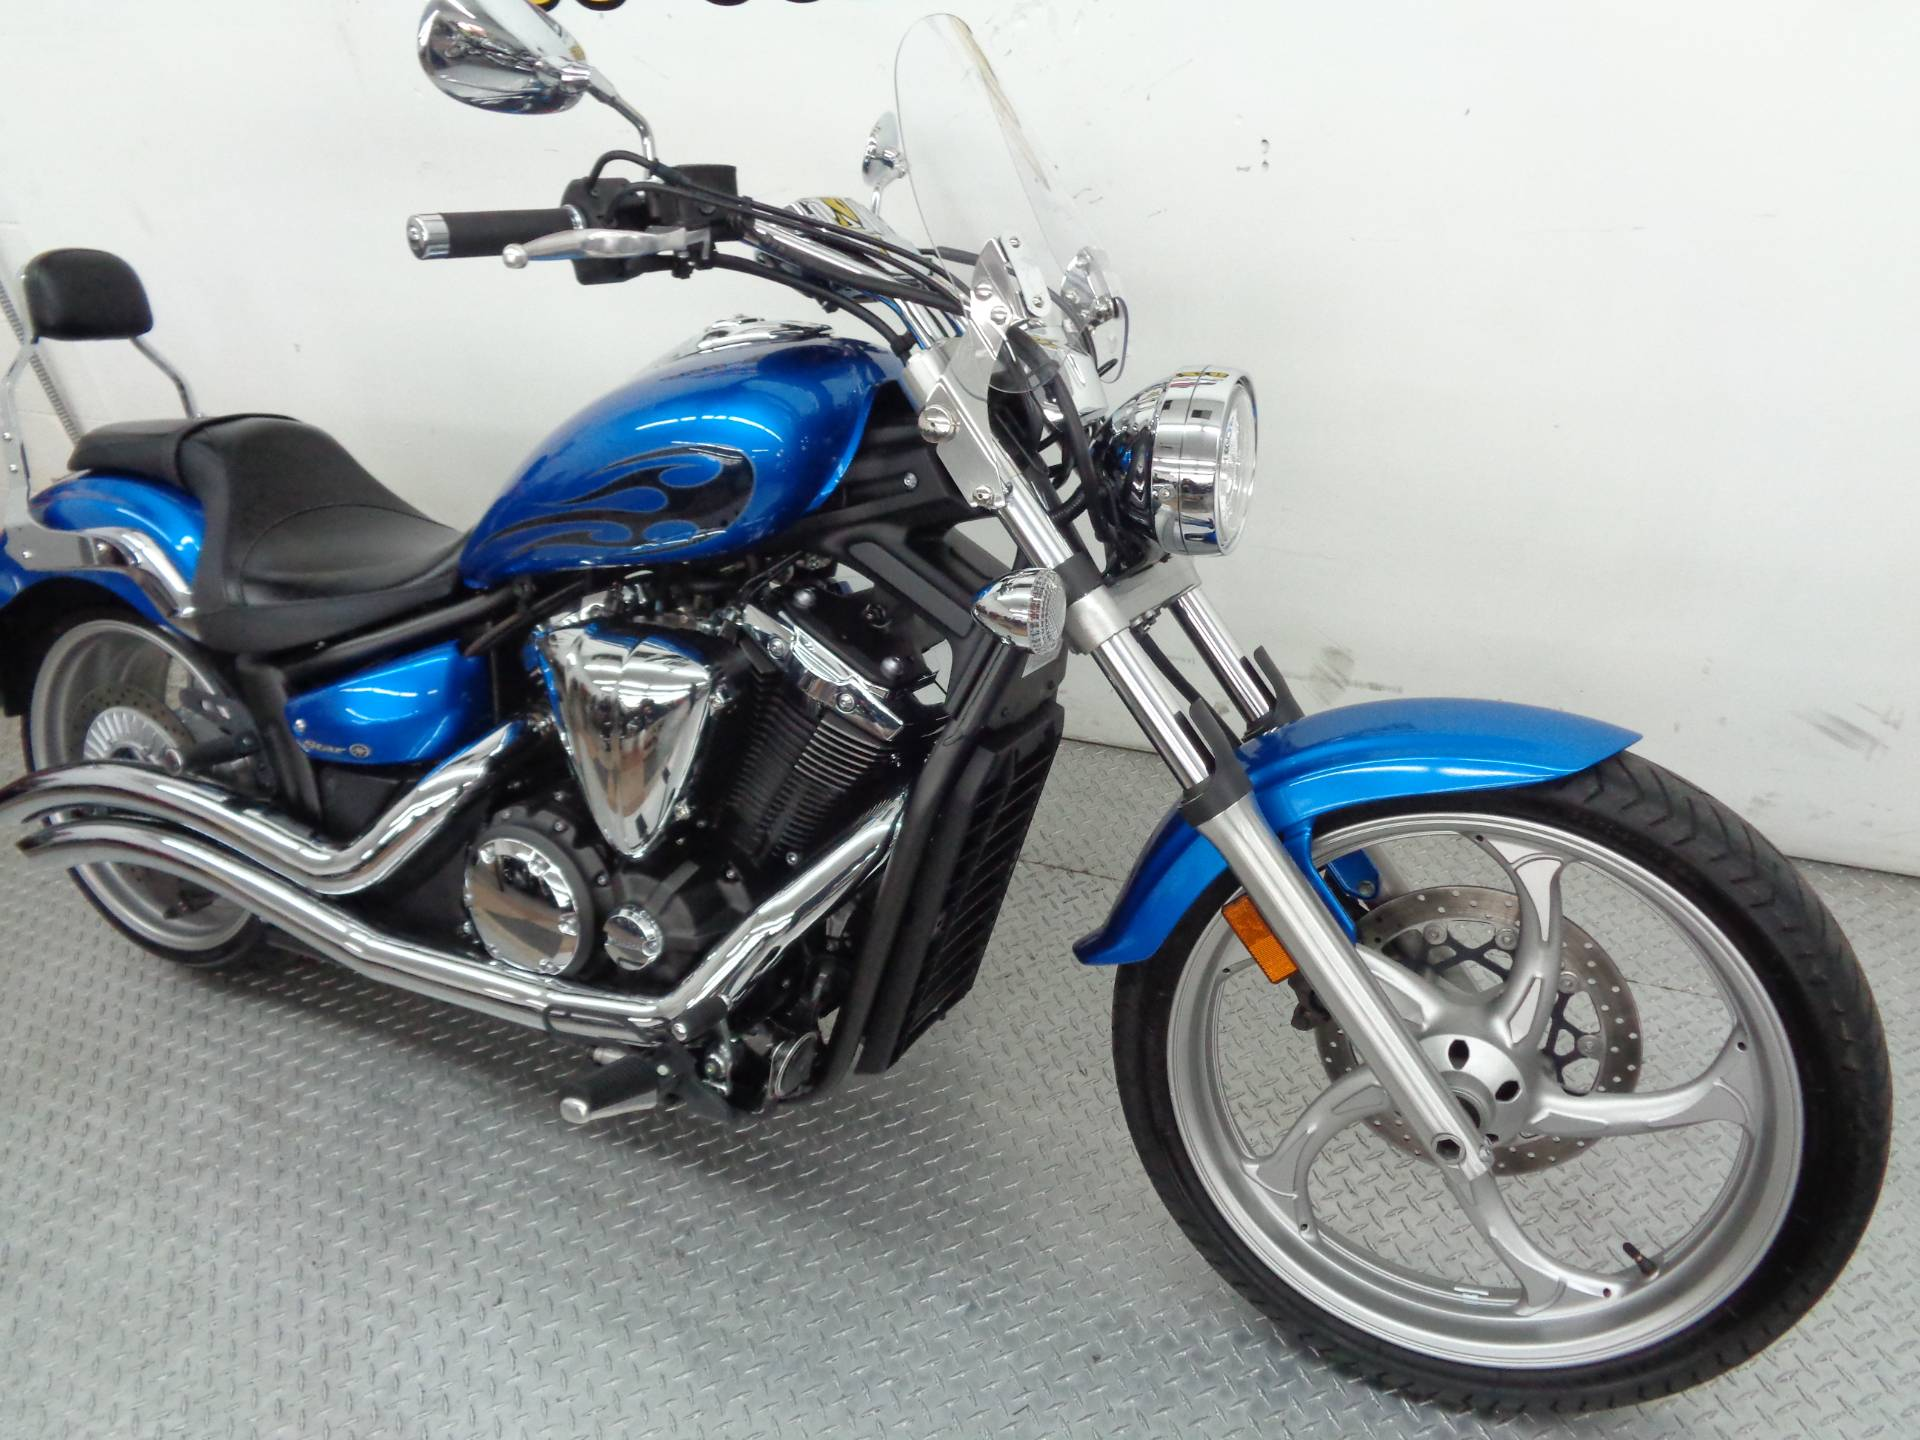 2011 Yamaha Stryker 6